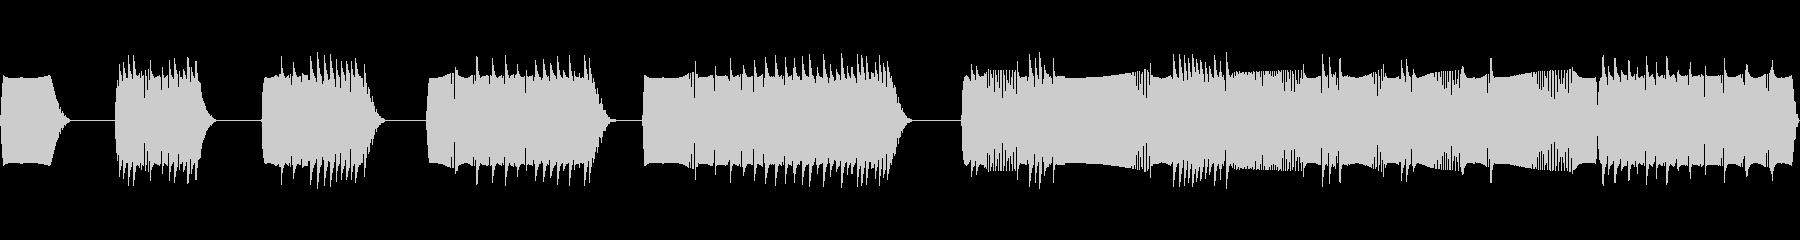 チョップ、インパクト、ヘビー、ファ...の未再生の波形